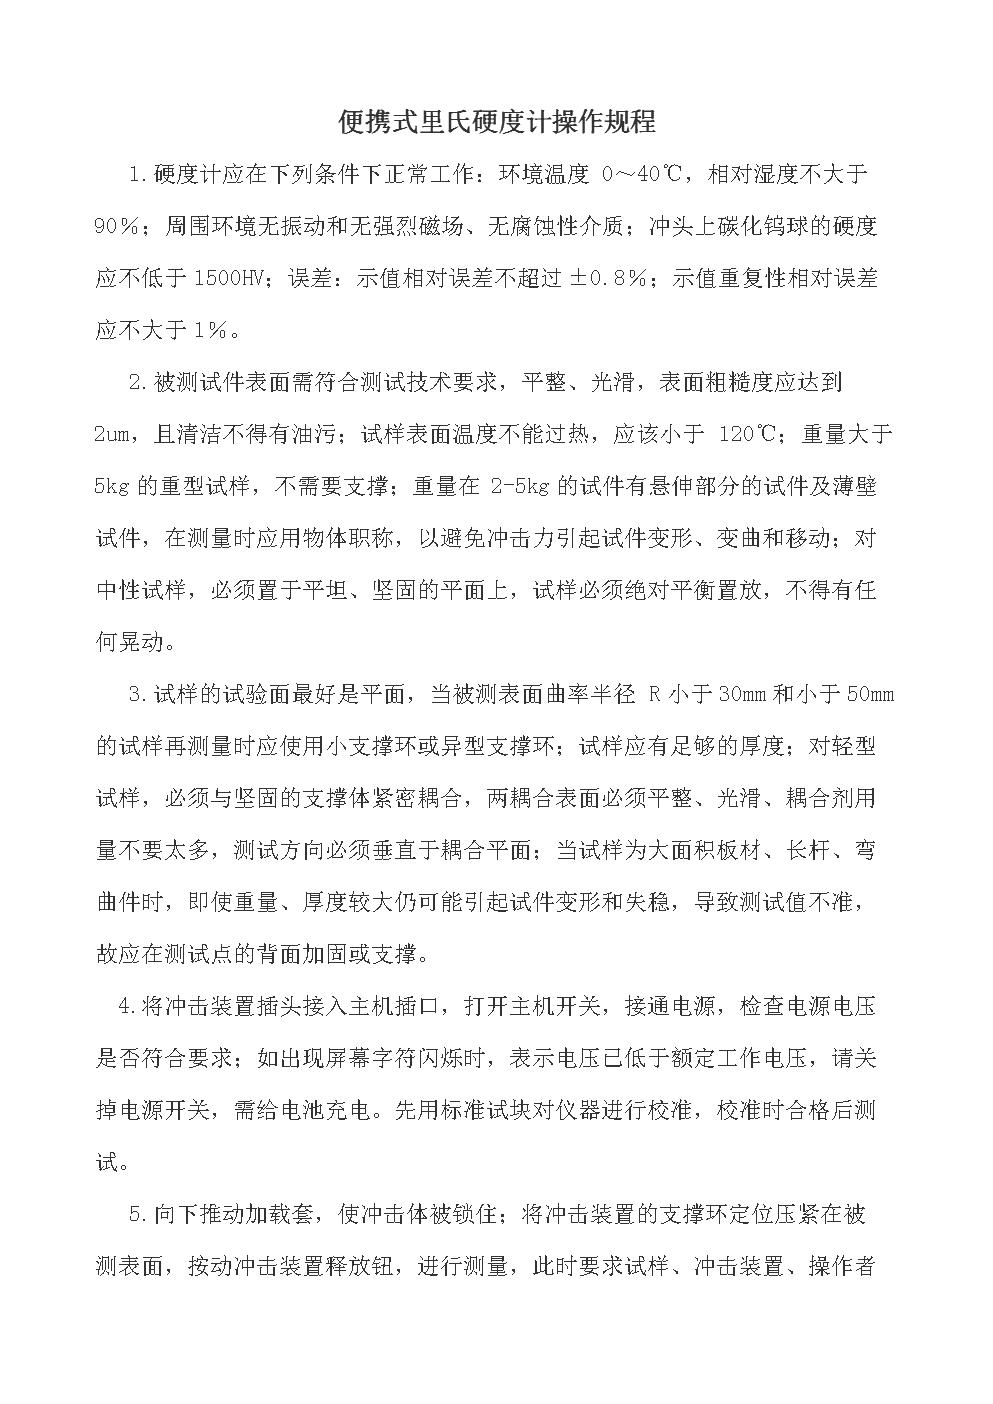 便携式里氏硬度计操作规程.doc